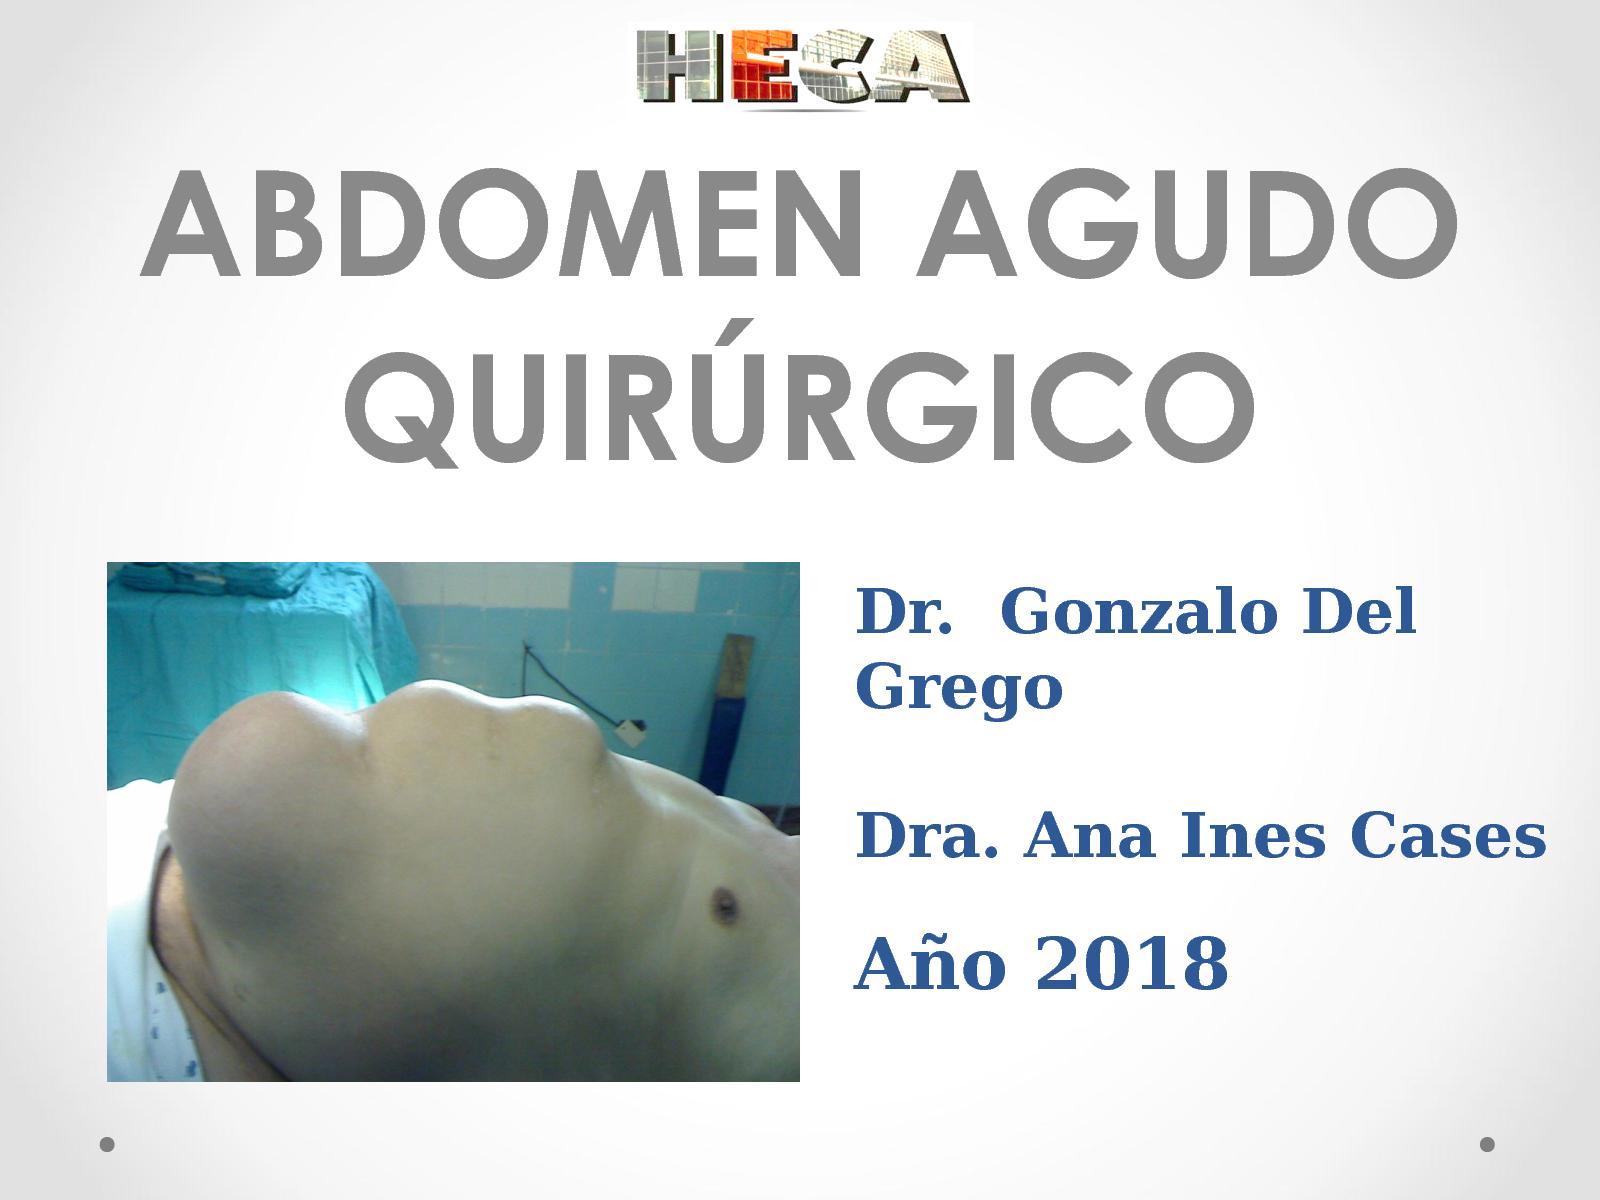 que es un abdomen agudo quirurgico